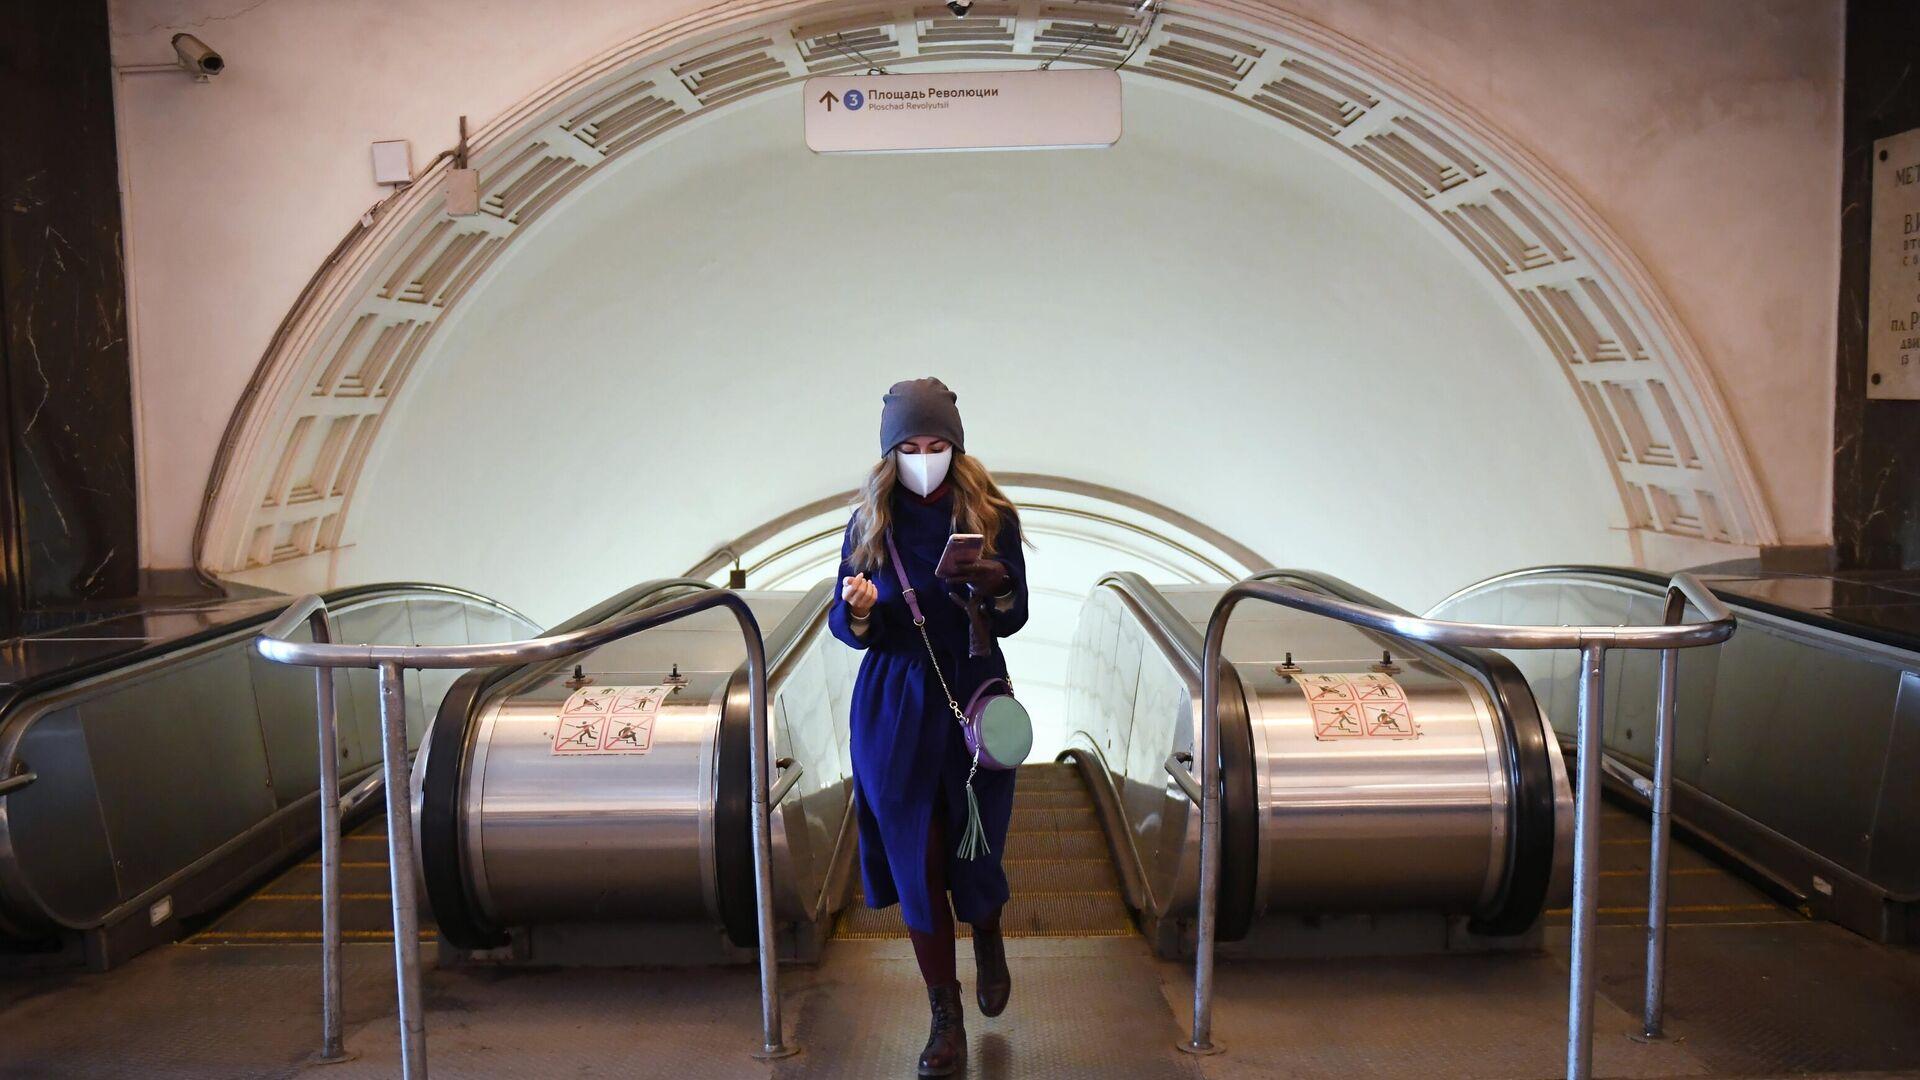 Девушка поднялась по эскалатору станции метро Площадь революции - РИА Новости, 1920, 02.03.2021